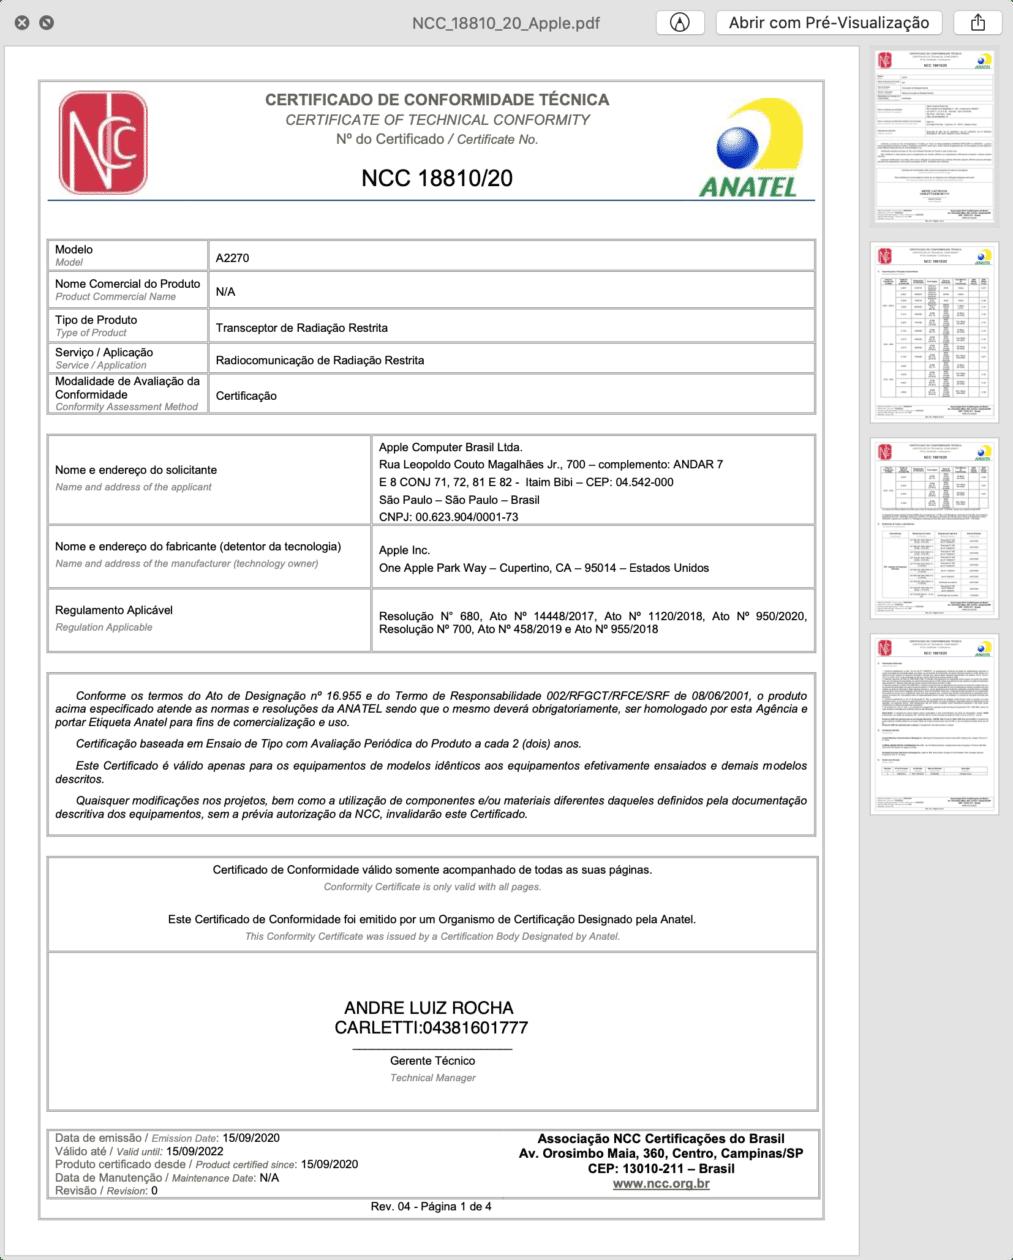 Certificado de Conformidade Técnica do novo iPad de 8ª geração Wi-Fi